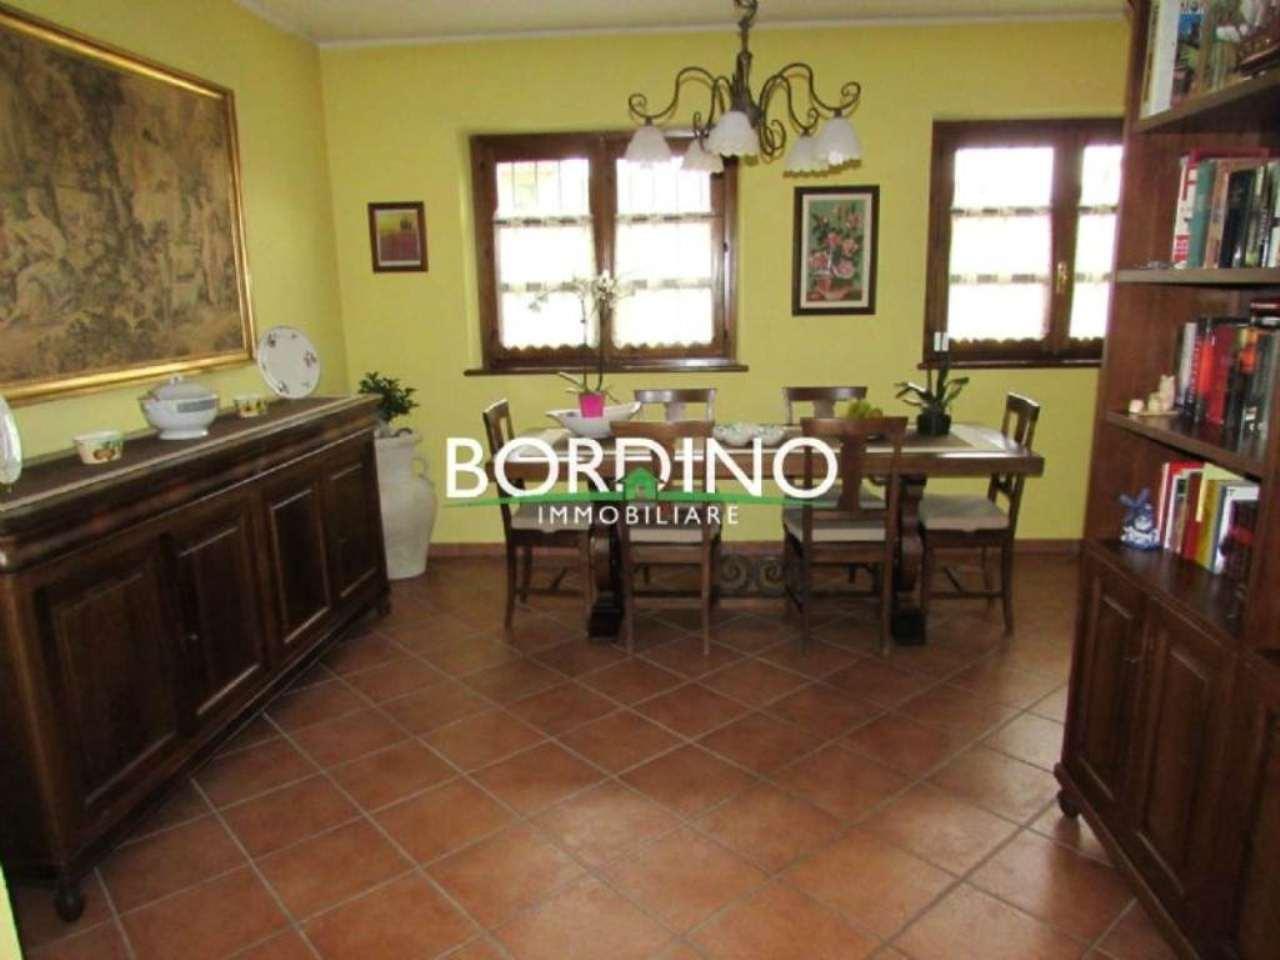 Soluzione Indipendente in vendita a Costigliole d'Asti, 5 locali, prezzo € 159.000 | CambioCasa.it